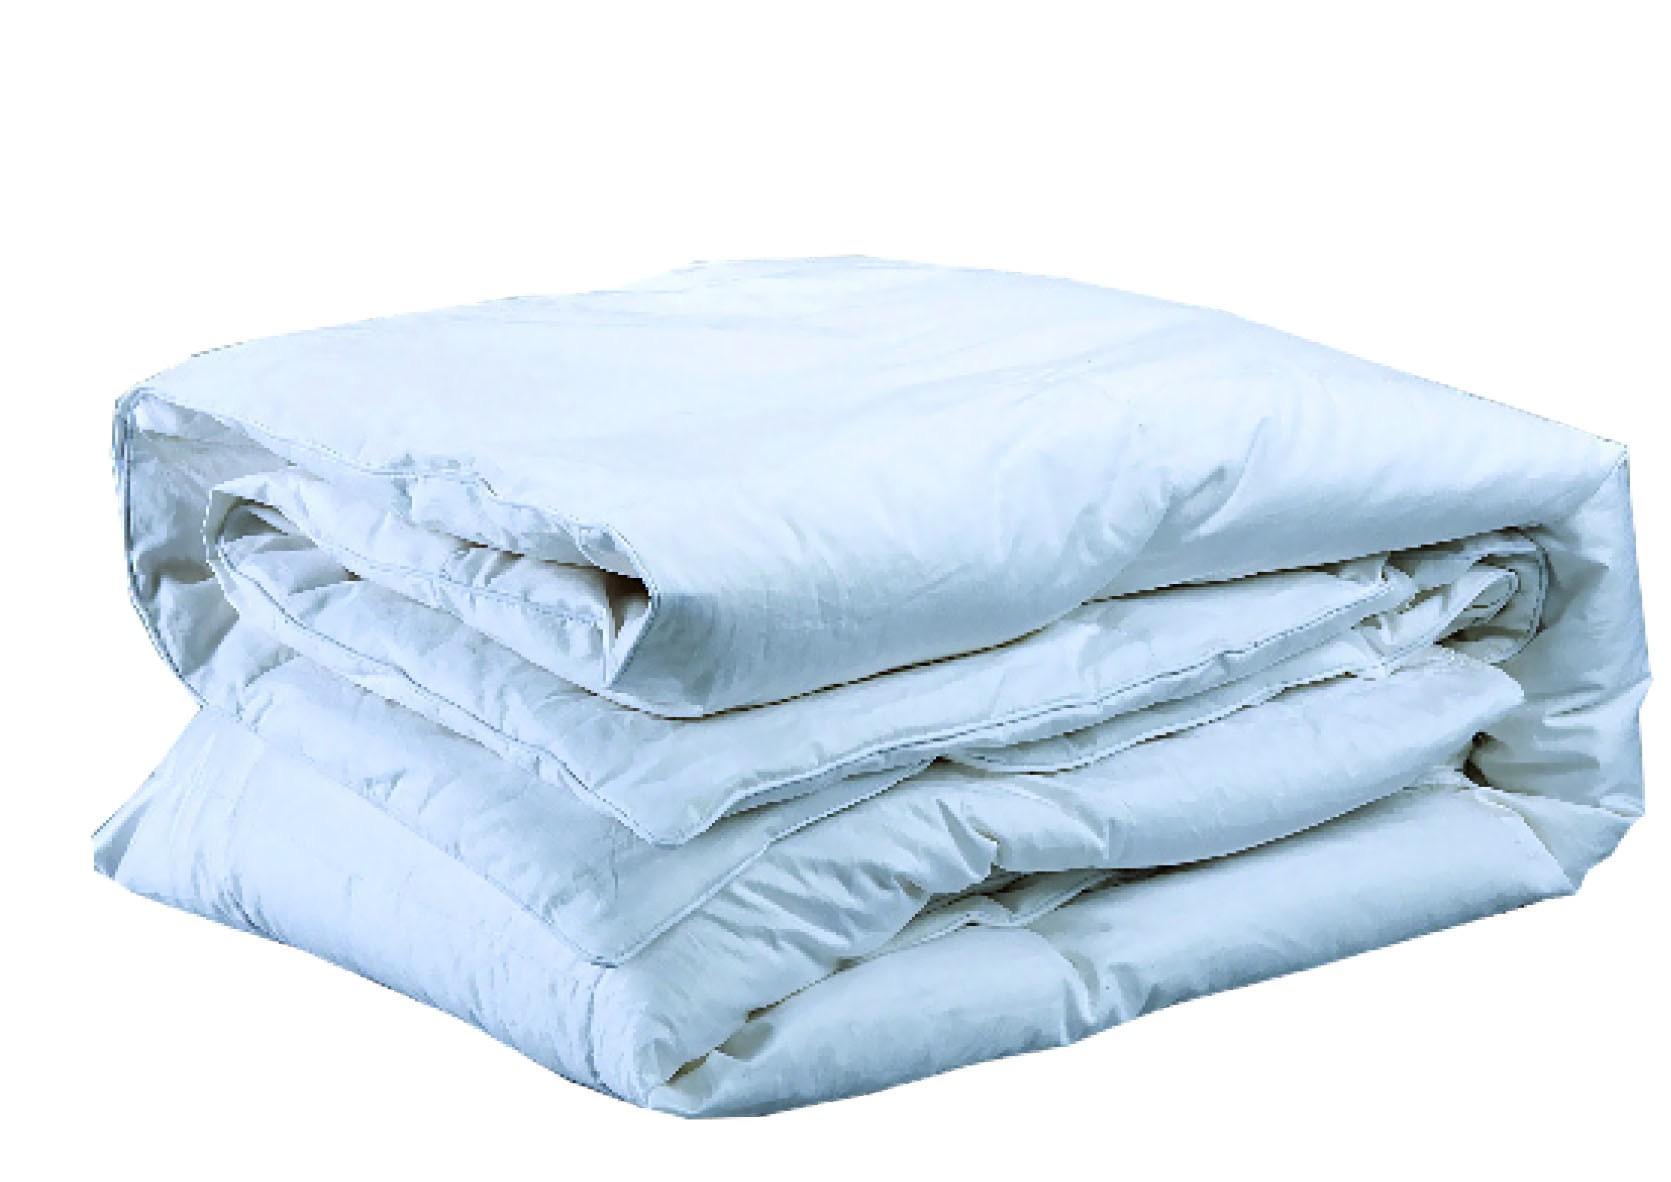 Πάπλωμα Πουπουλένιο Υπέρδιπλο Morven Mariola 90/10 home   κρεβατοκάμαρα   παπλώματα   παπλώματα πουπουλένια